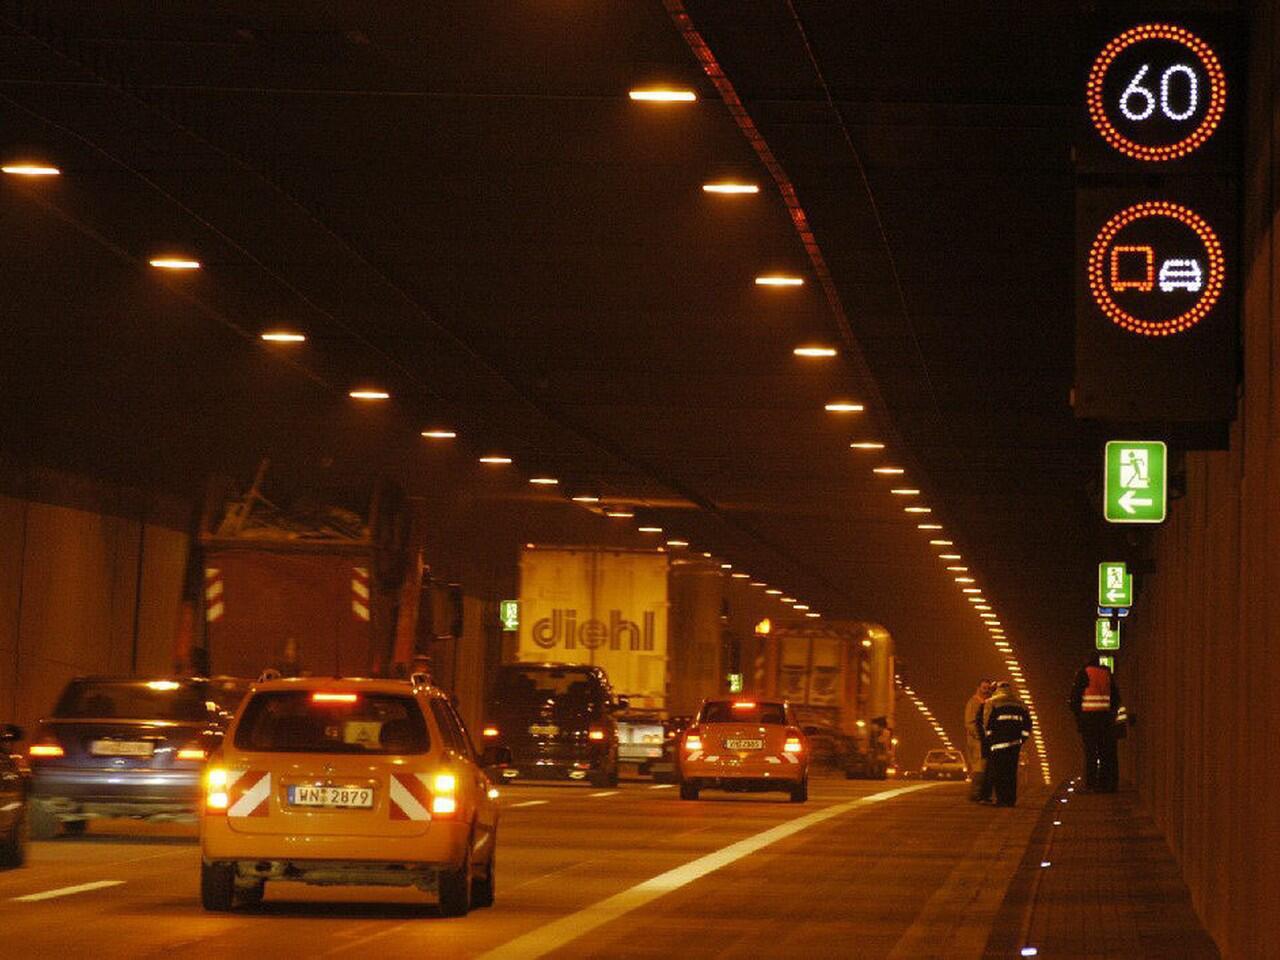 Bild zu Autofahren im Tunnel: Nicht jedermanns Sache